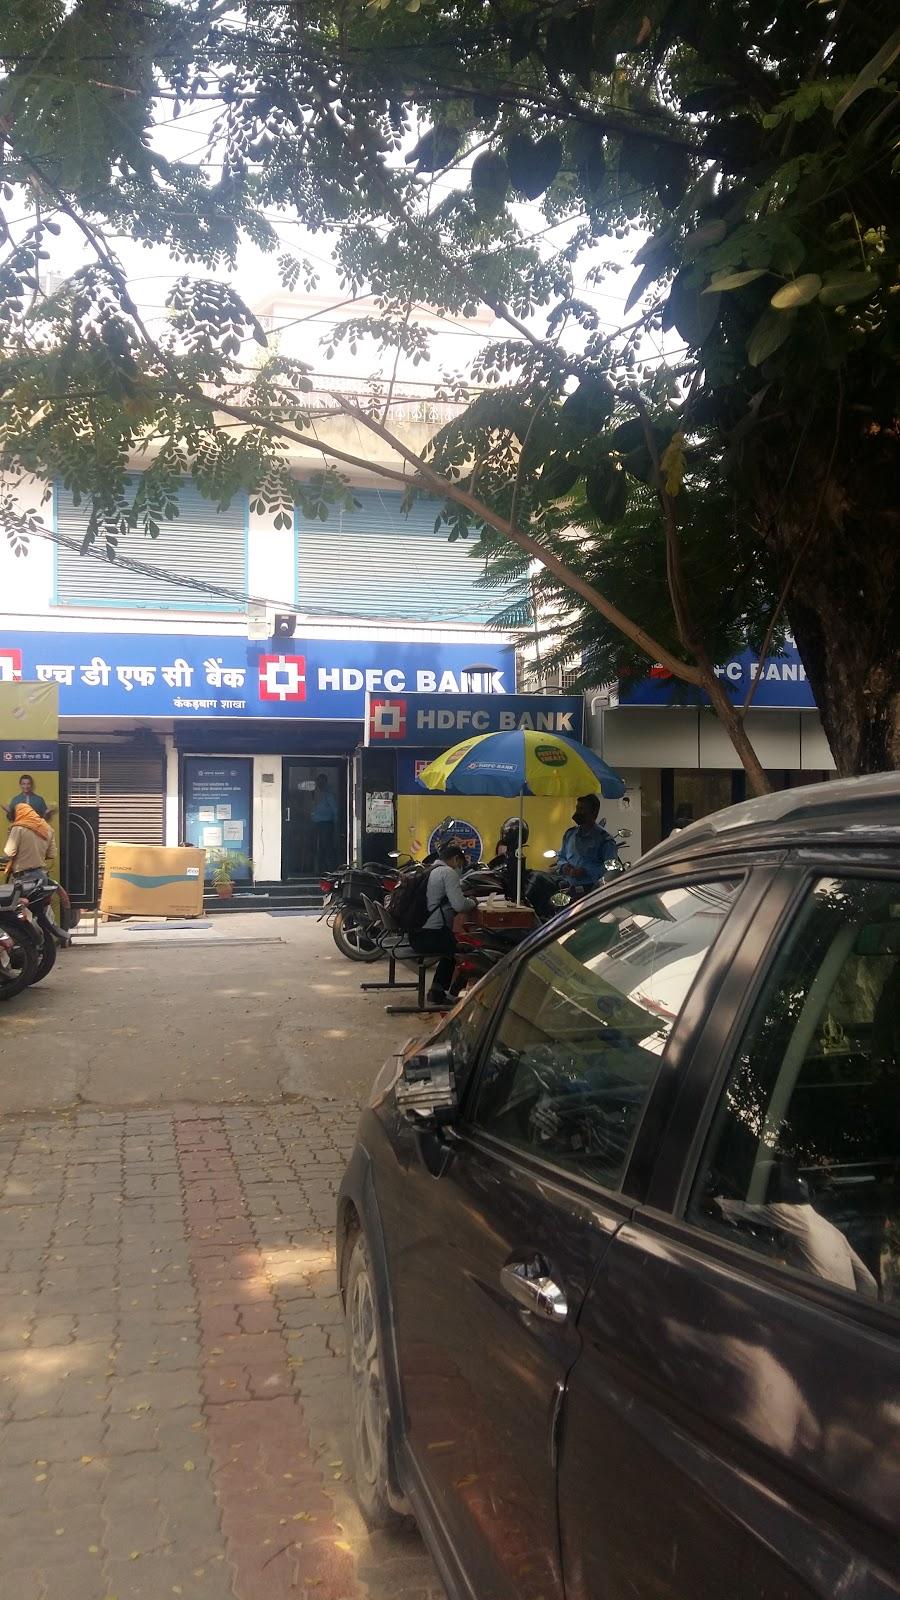 blood bank HDFC Bank near Patna Bihar